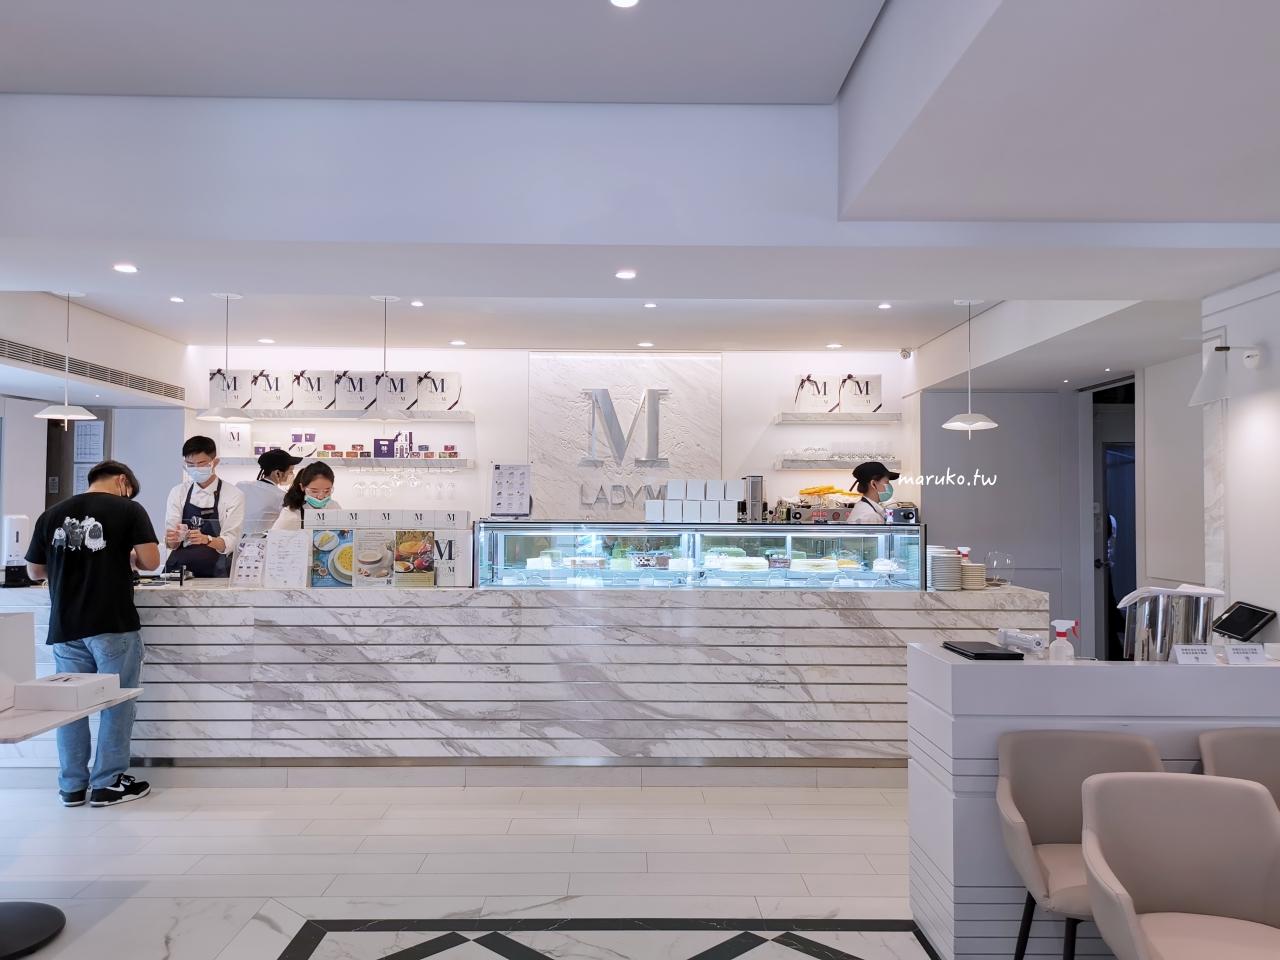 【台北】Lady M 來自紐約千層蛋糕 限定千層酥 只有這裡買的到 外帶分享